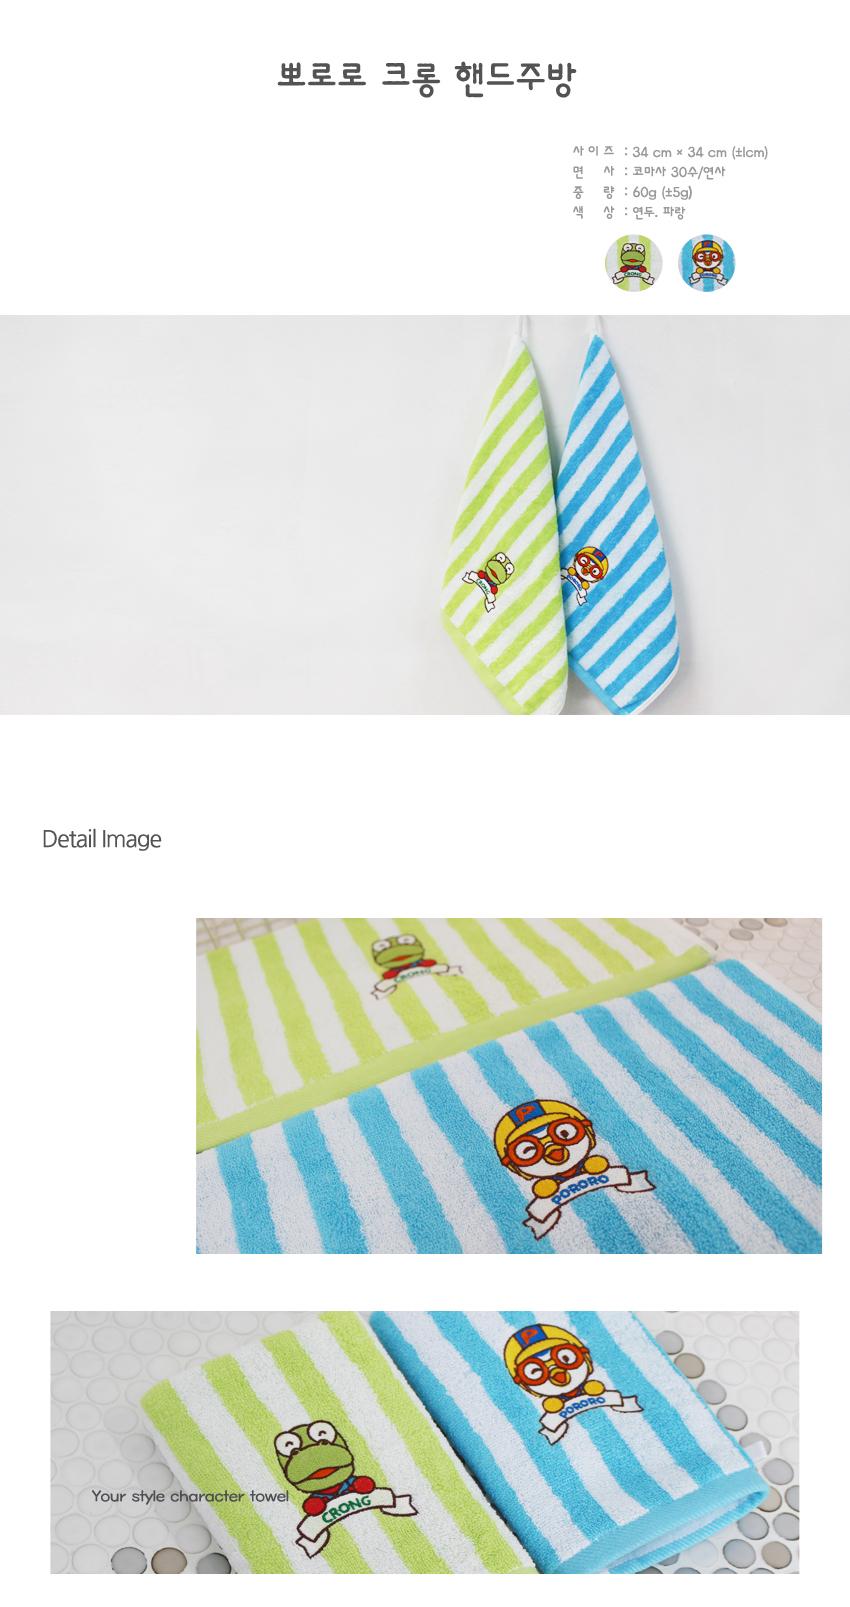 뽀로로 크롱 스트라이프 주방 핸드타올 고리수건 - 디자인에버, 2,800원, 수건/타올, 핸드타올